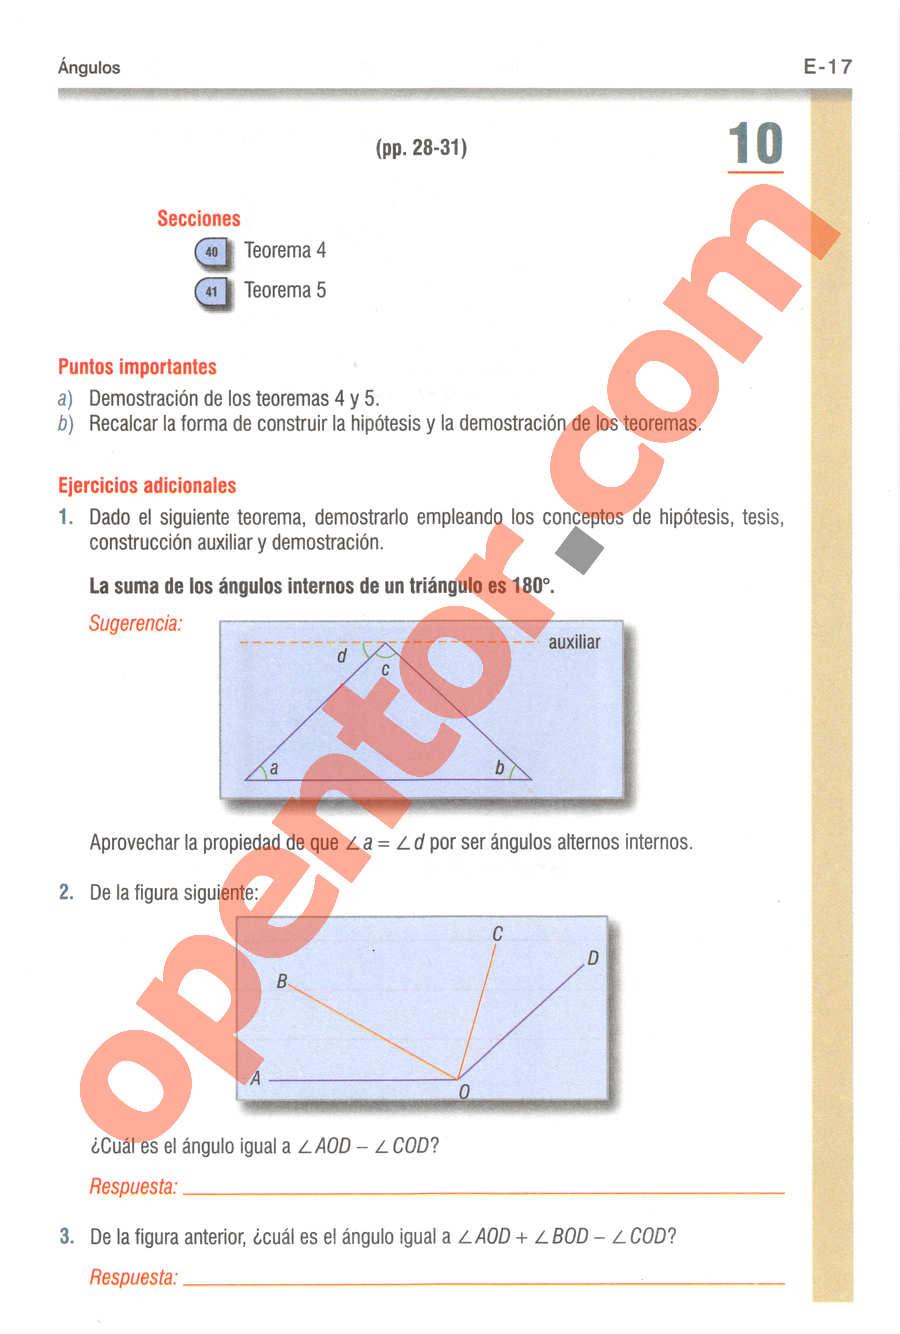 Geometría y Trigonometría de Baldor - Página E17